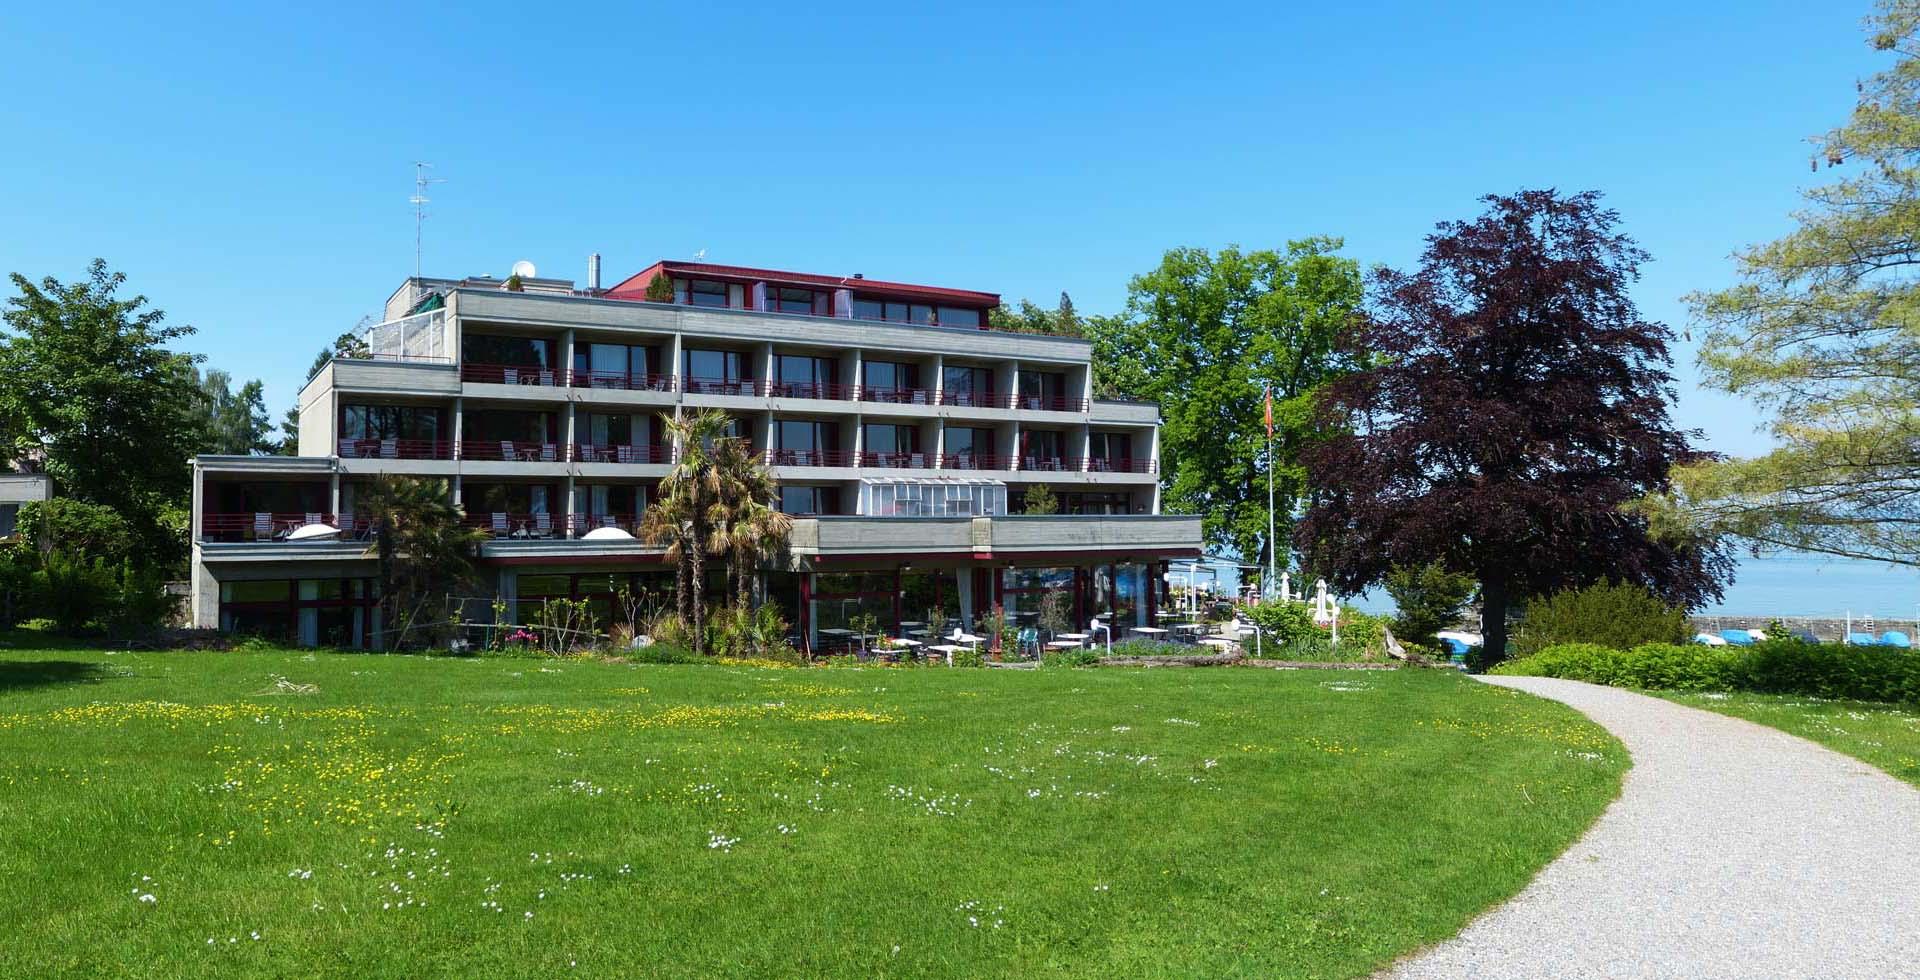 Slide Park-Hotel Inseli-Romanshorn-cr111k-1920x980